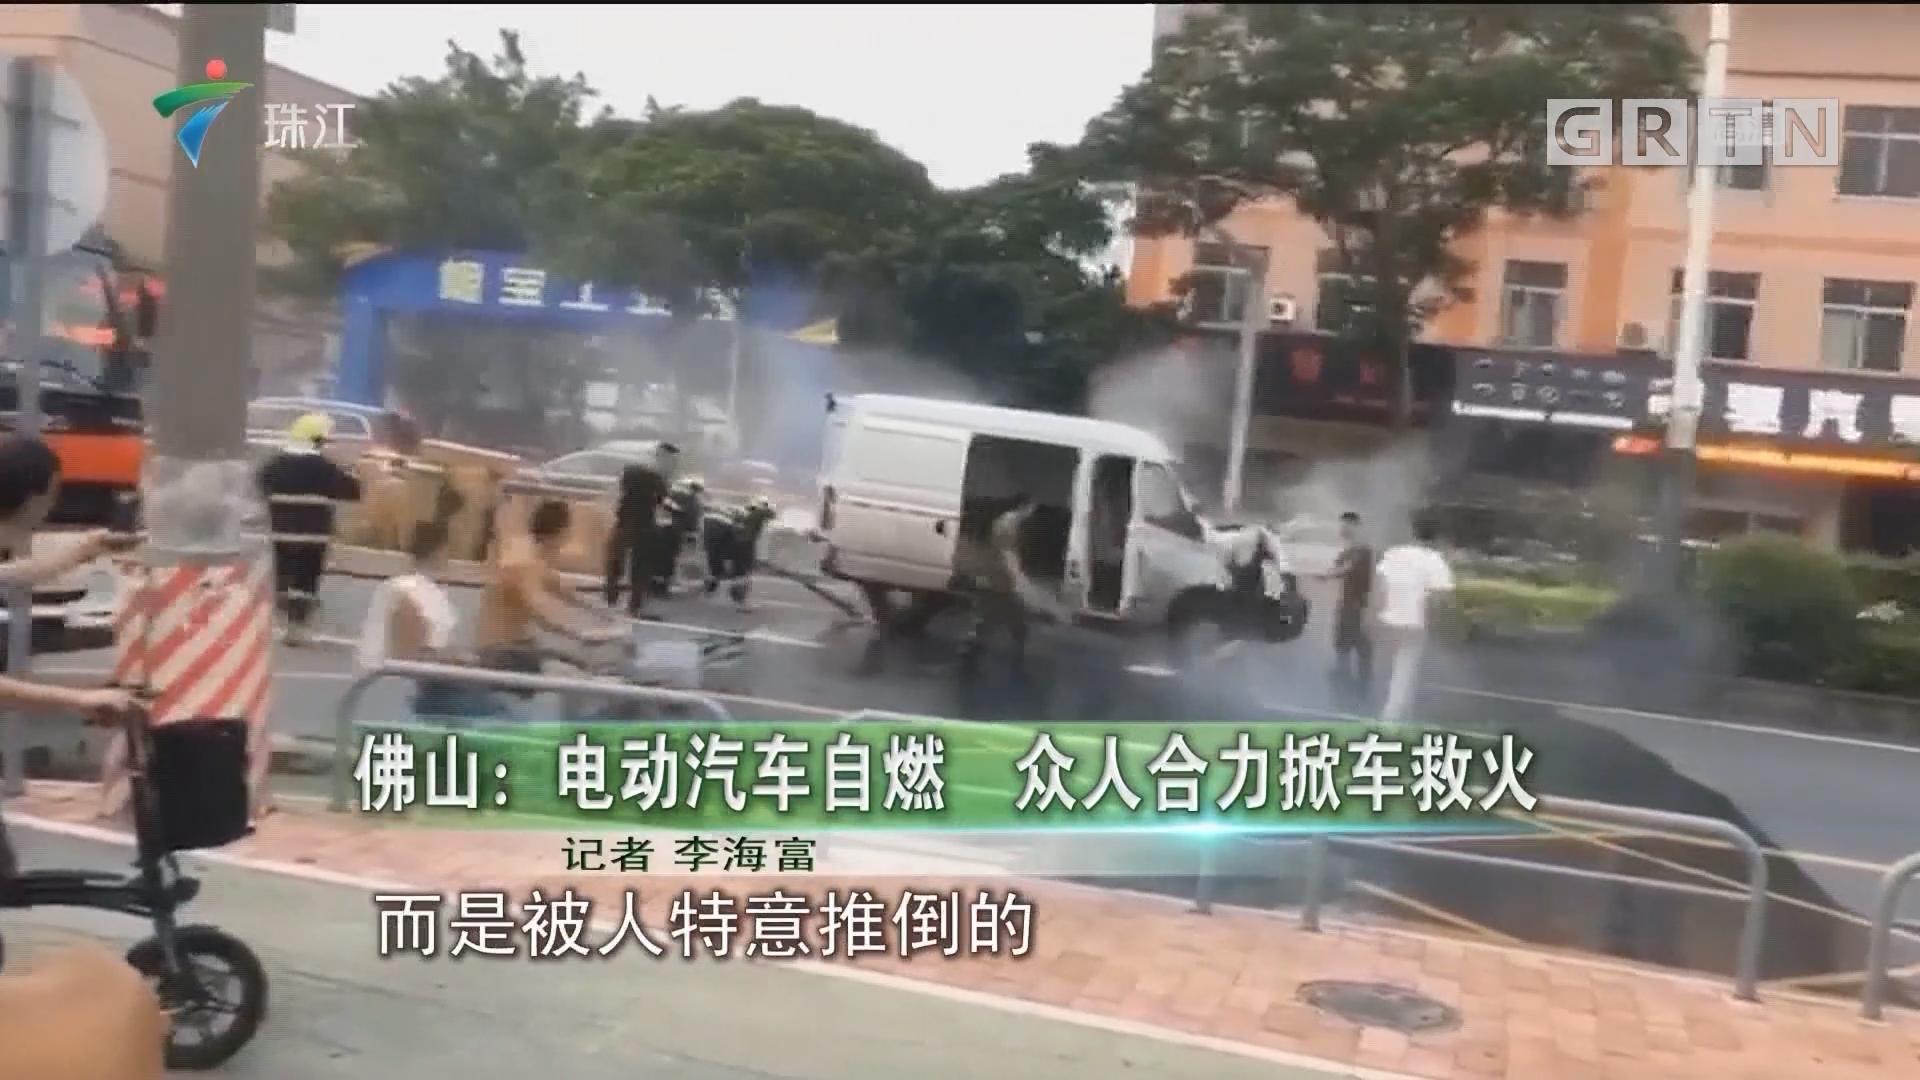 佛山:电动汽车自燃 众人合力掀车救火